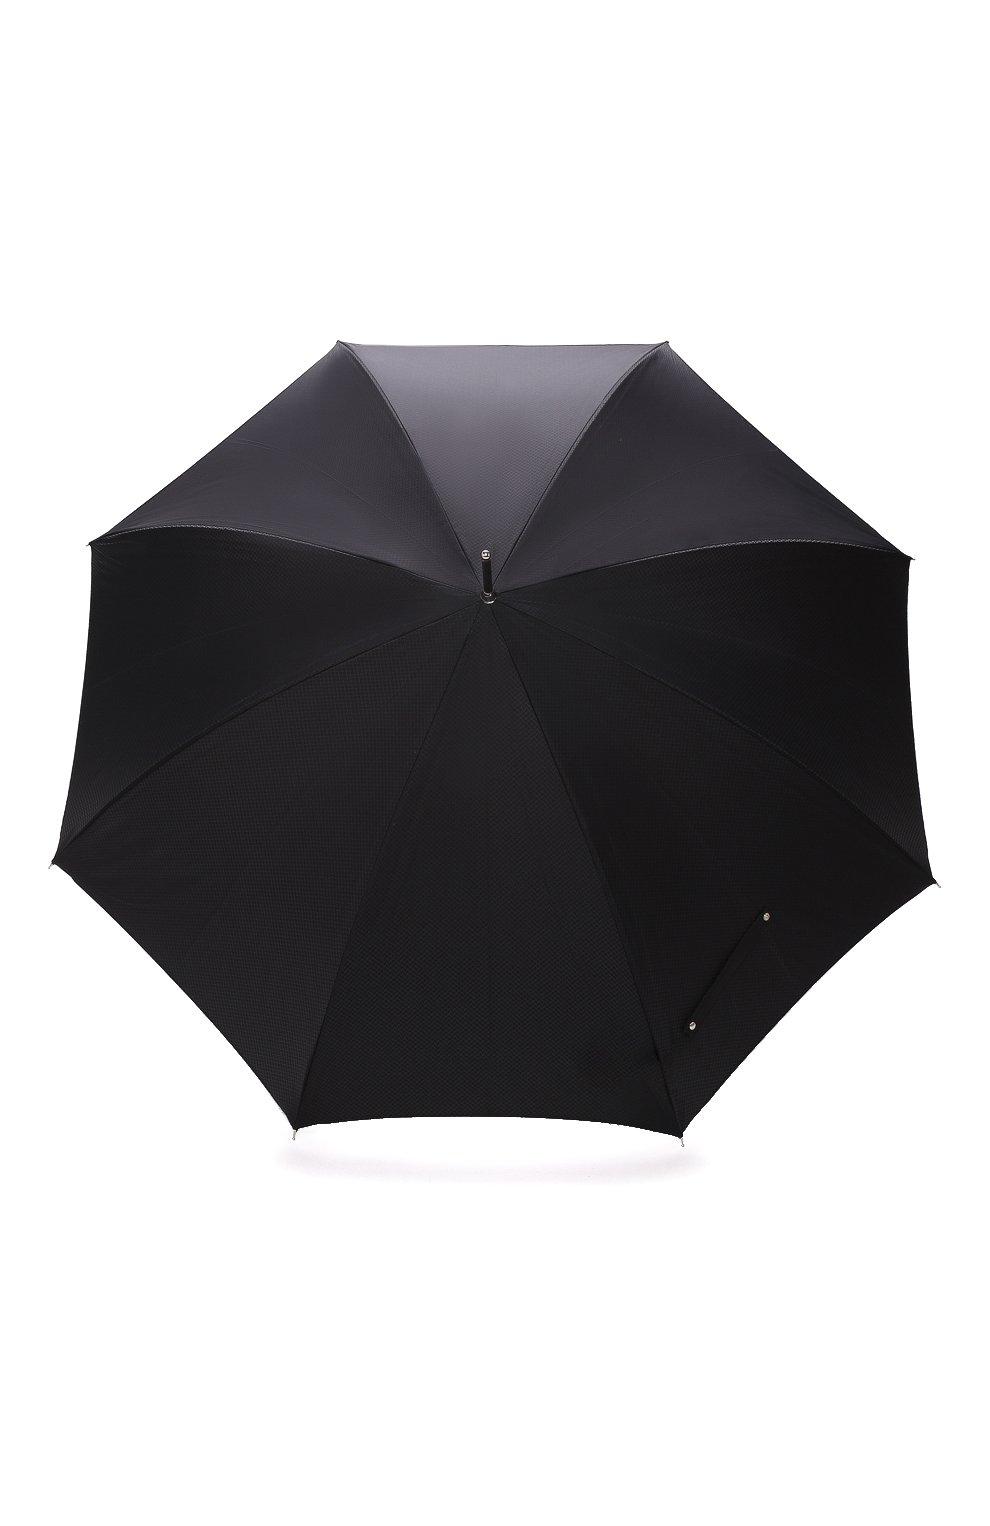 Мужской зонт-трость PASOTTI OMBRELLI черного цвета, арт. 478/SC0TLAND 50890/5/W10 | Фото 1 (Материал: Текстиль, Синтетический материал, Металл)